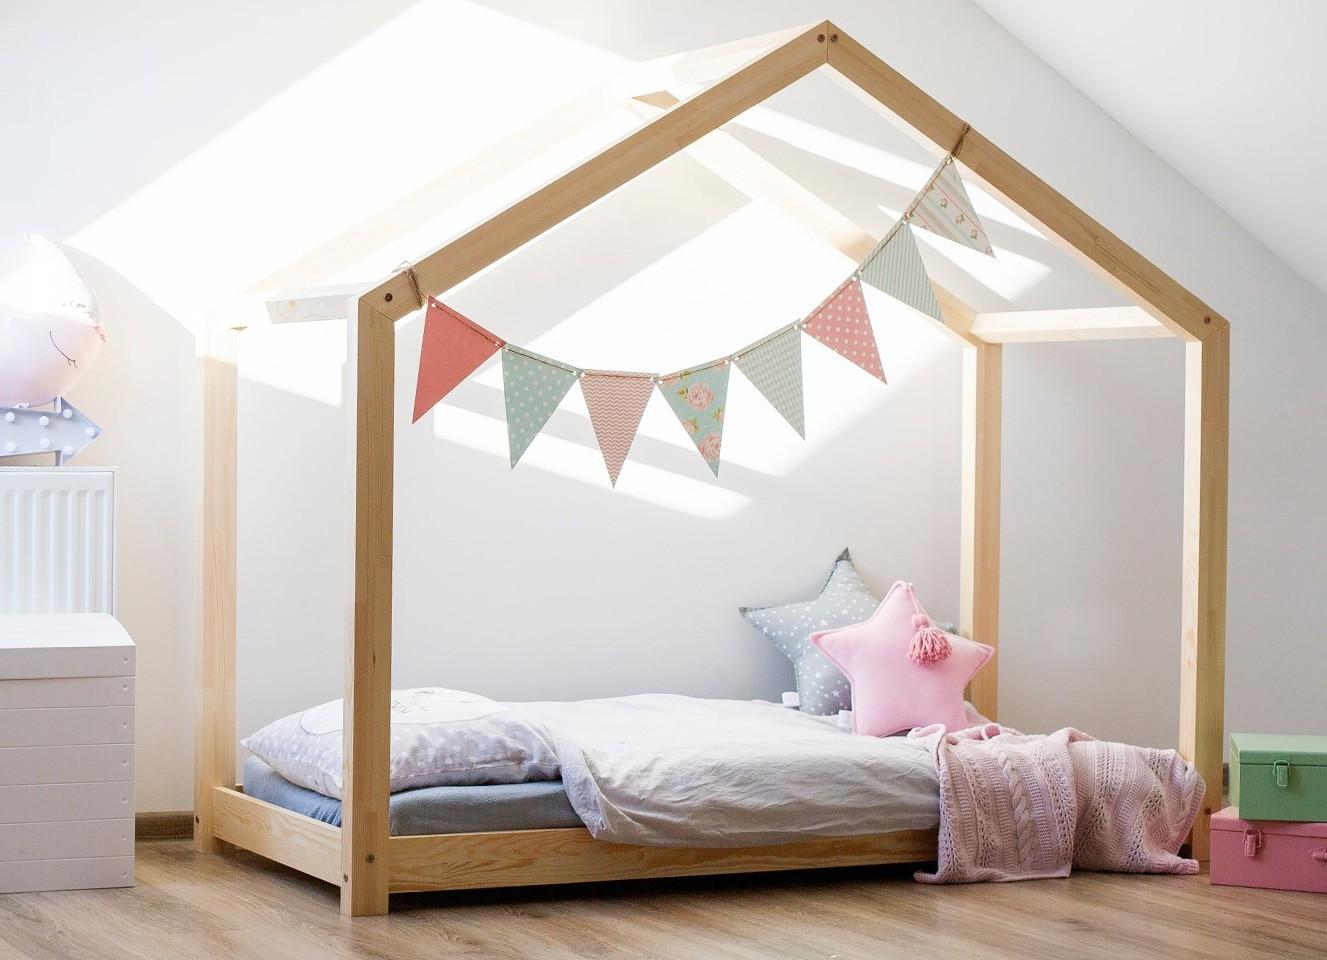 Tutoriel pour construire un lit cabane